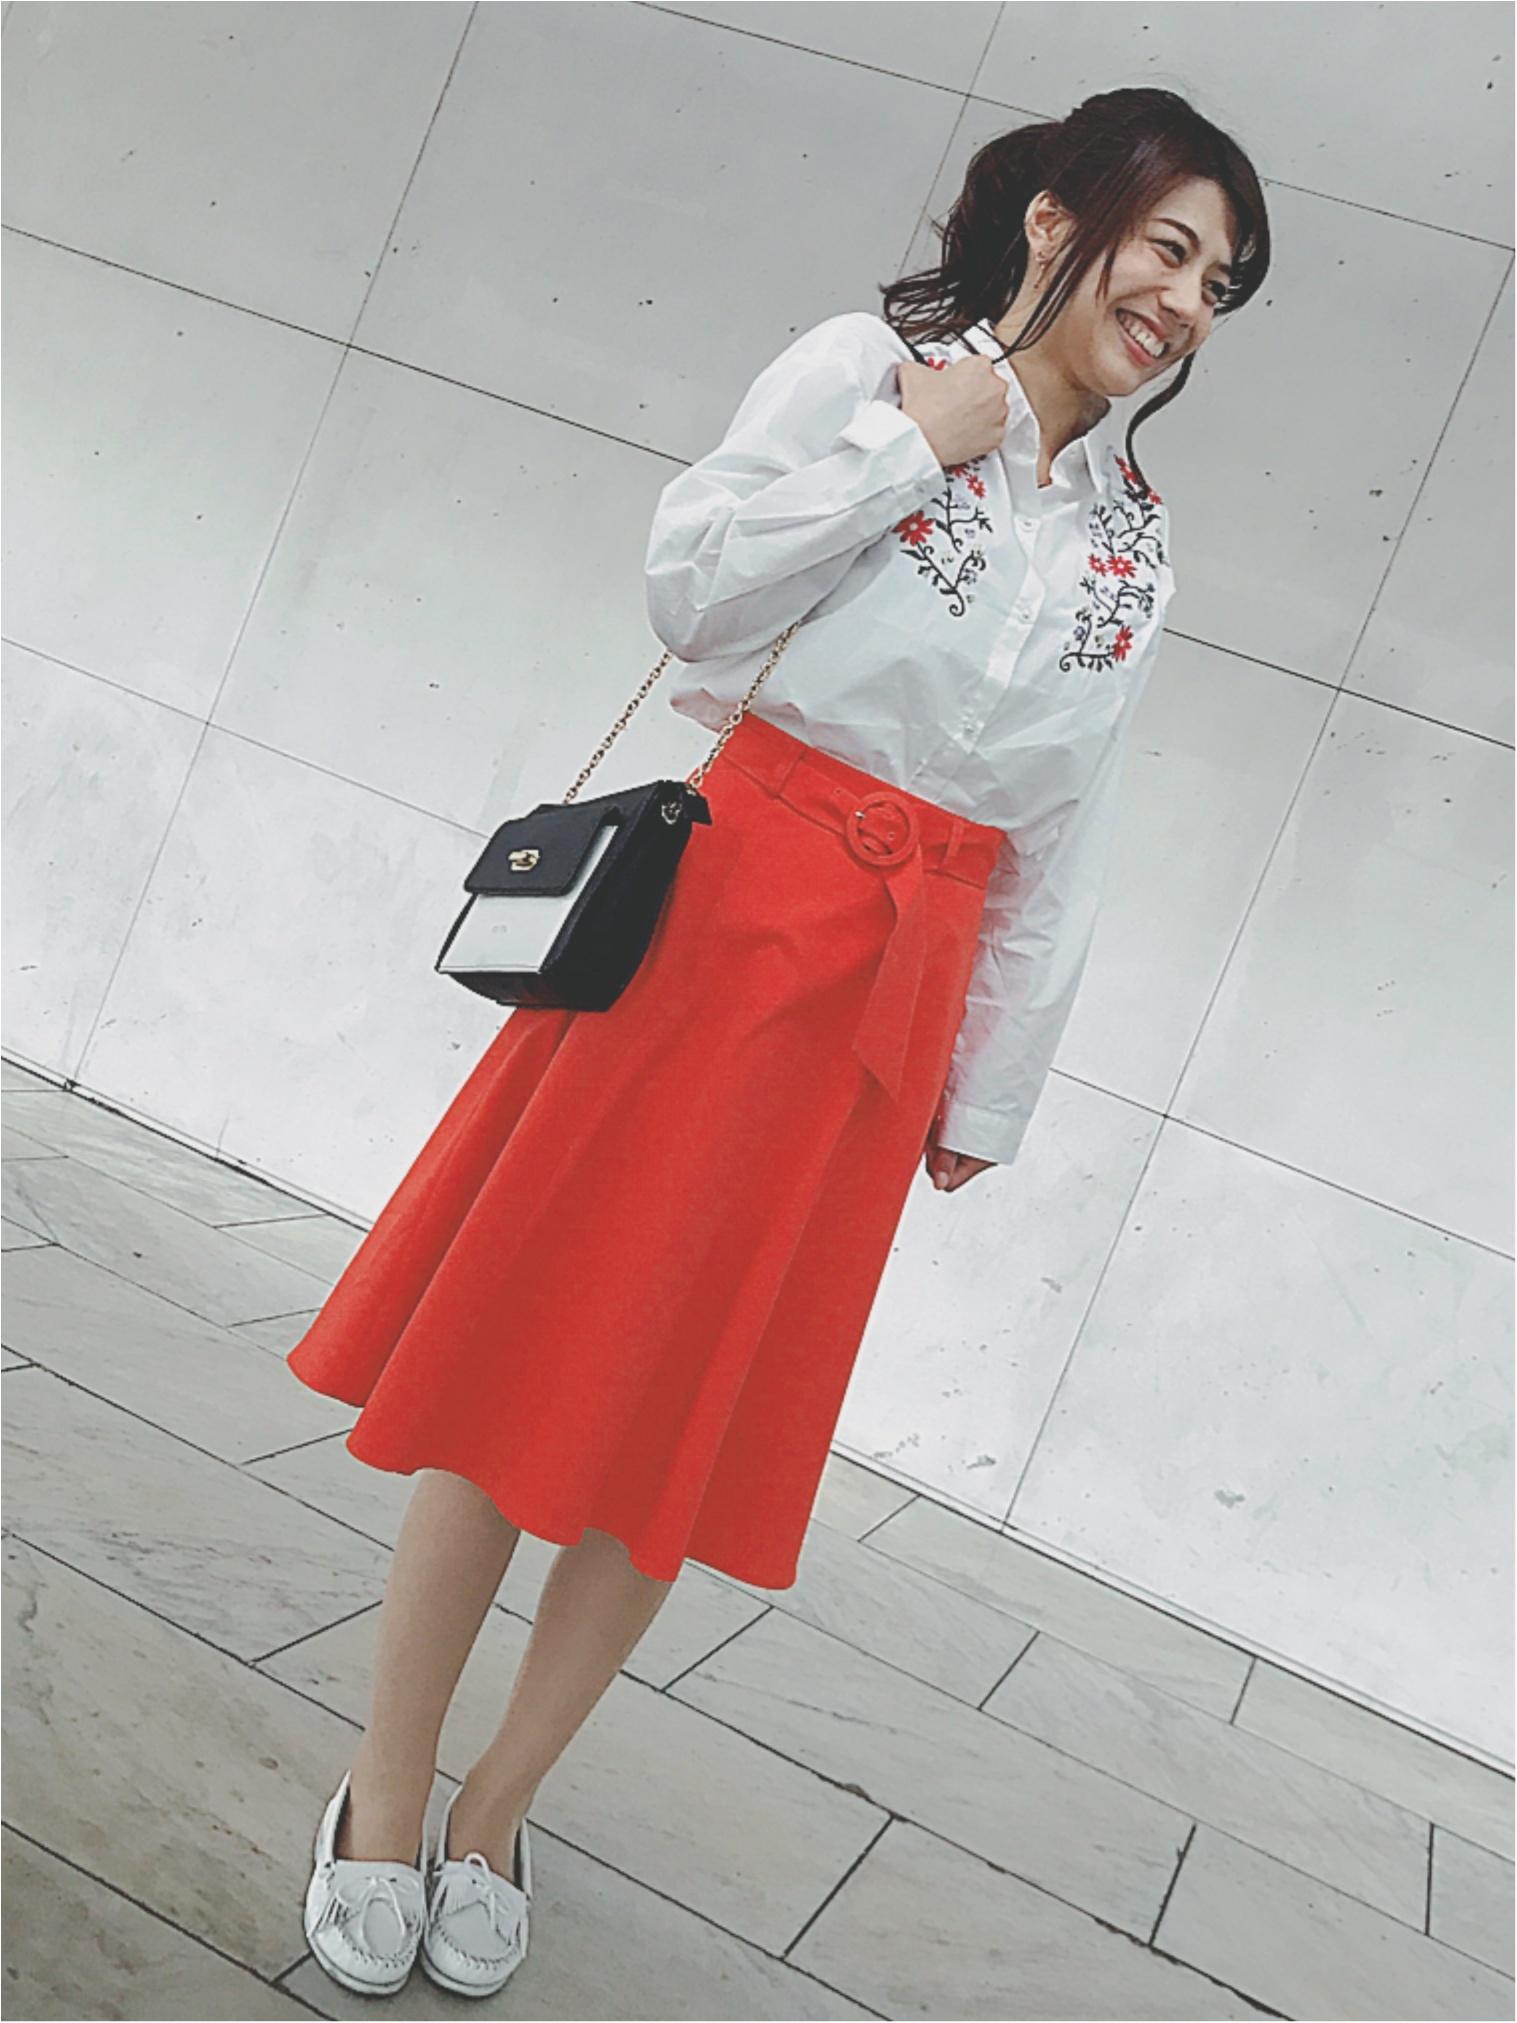 ★流行りの刺繍トップス♡ガーリーアイテムがちょっぴり苦手な私はキレイ色スカートで大人レトロコーデ★_2